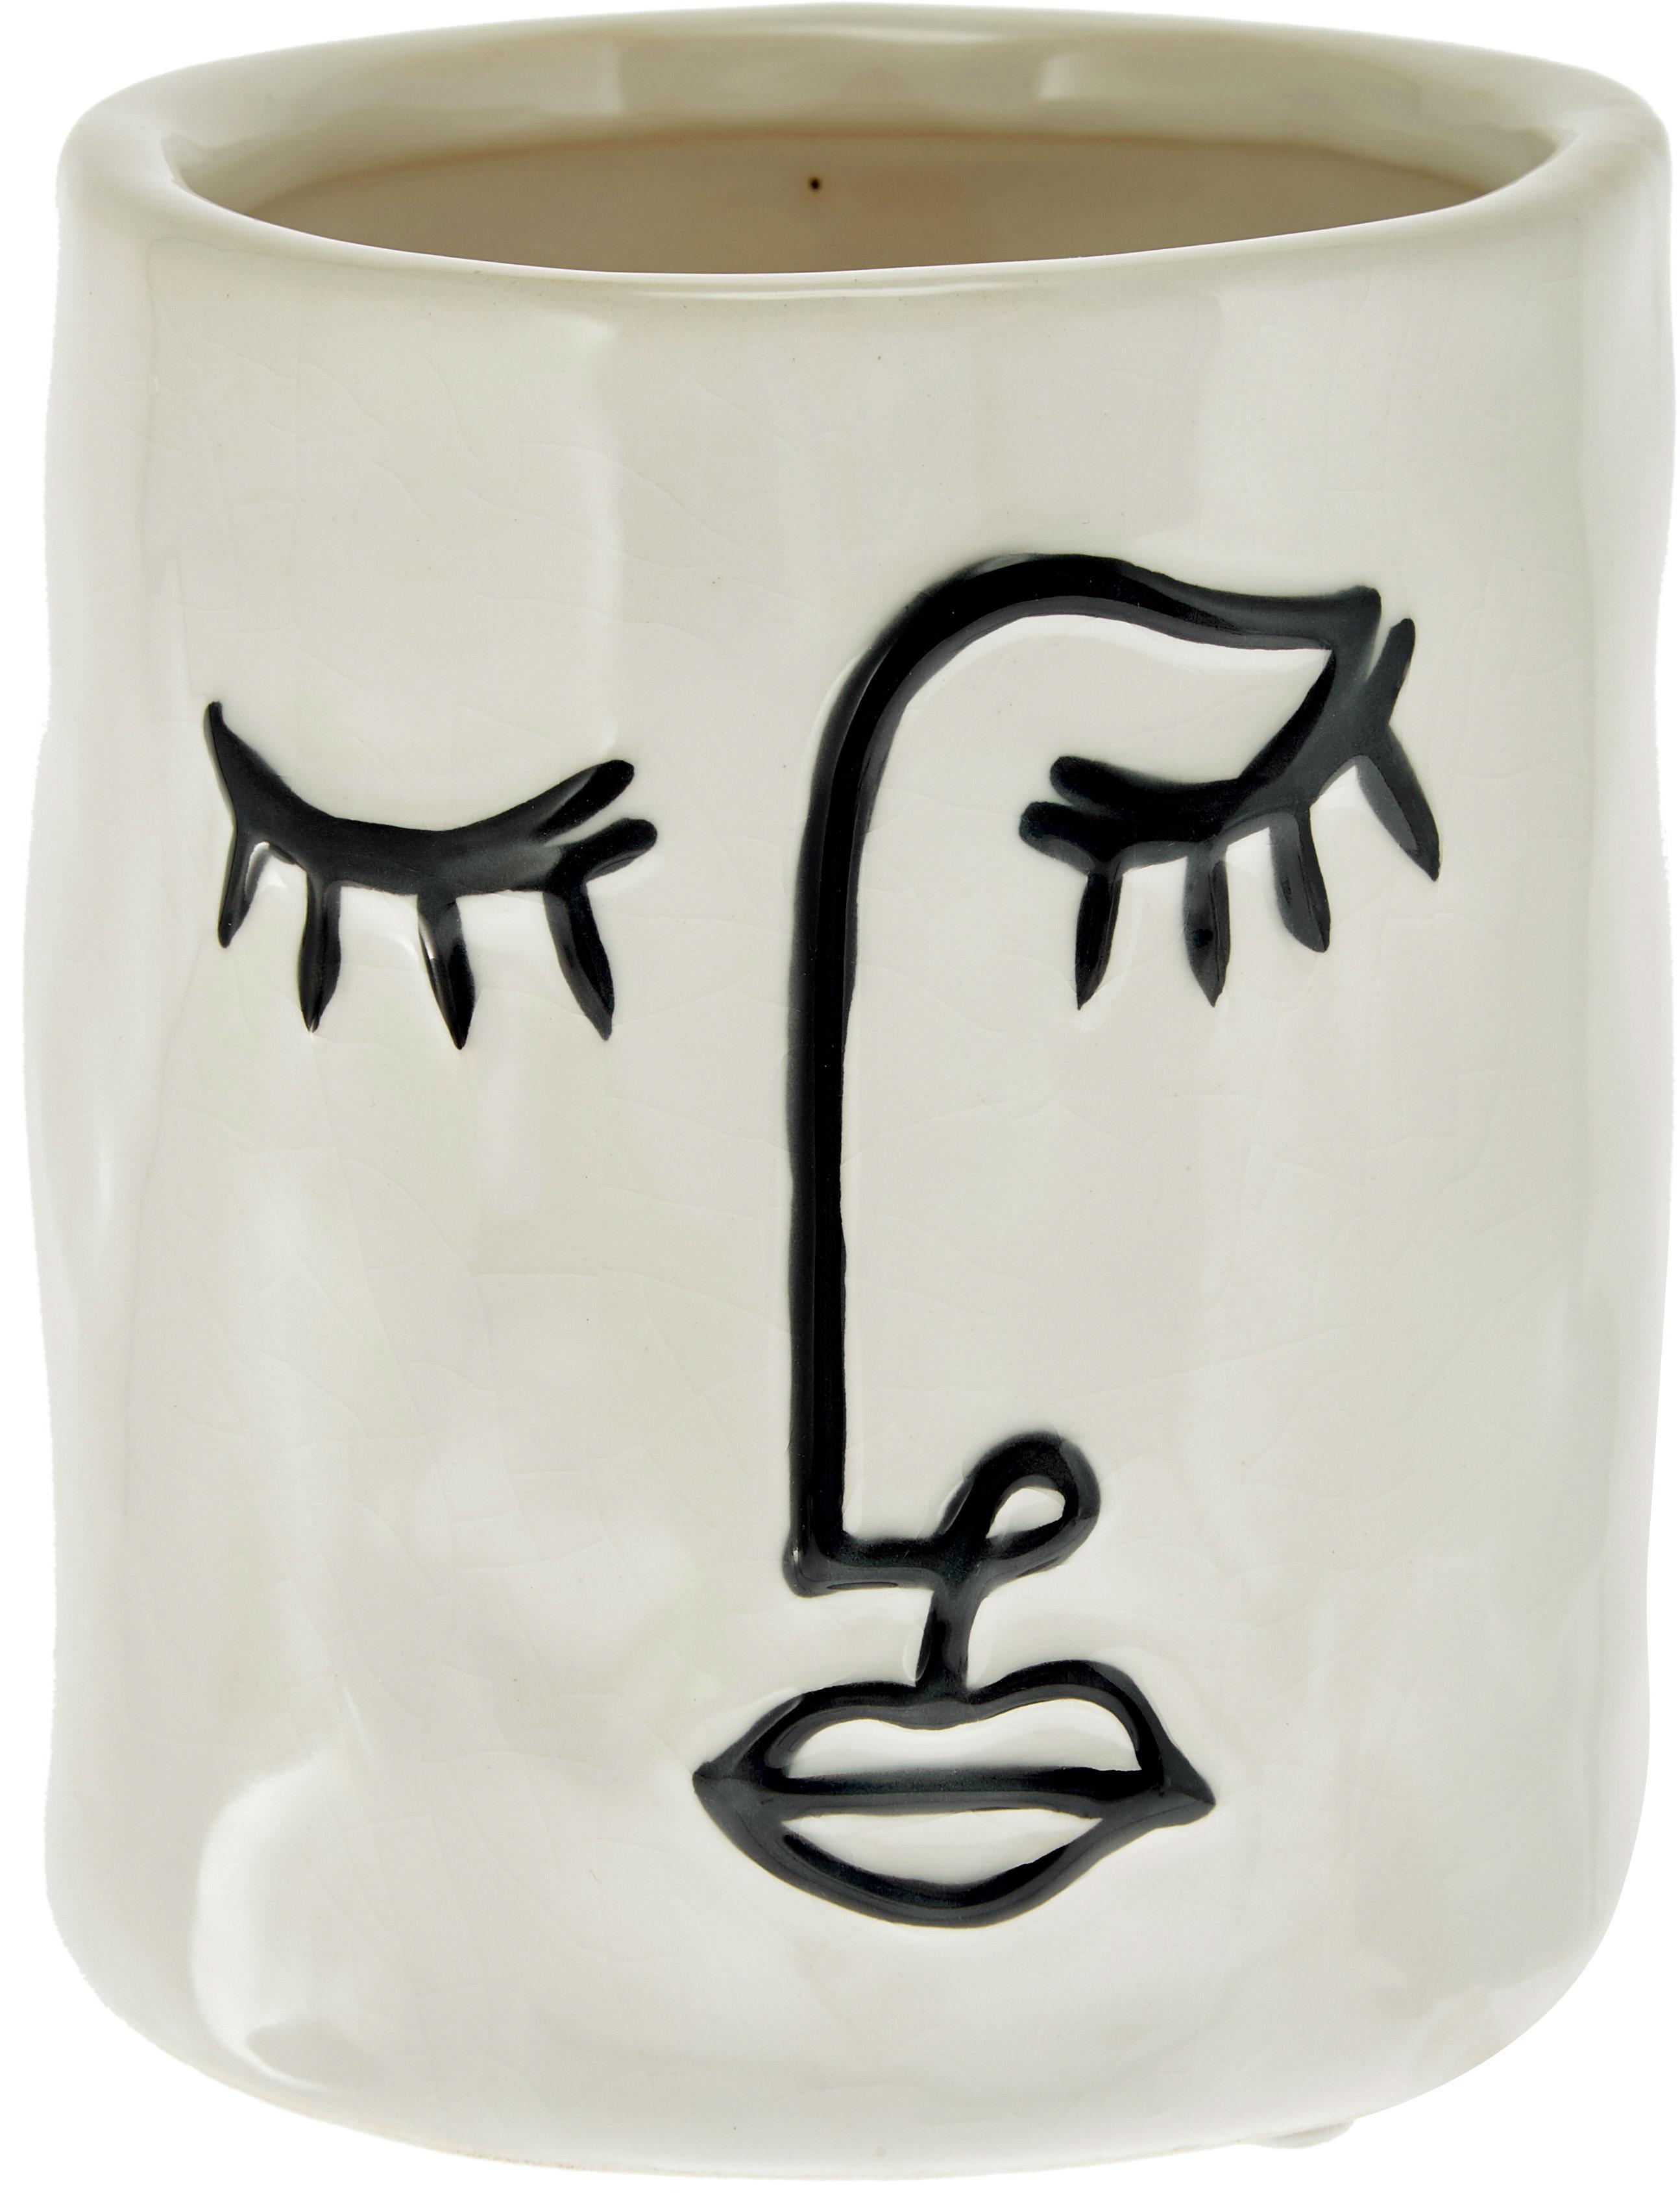 Plantenpot Face, Keramiek, Gebroken wit, zwart, Ø 12 x H 13 cm